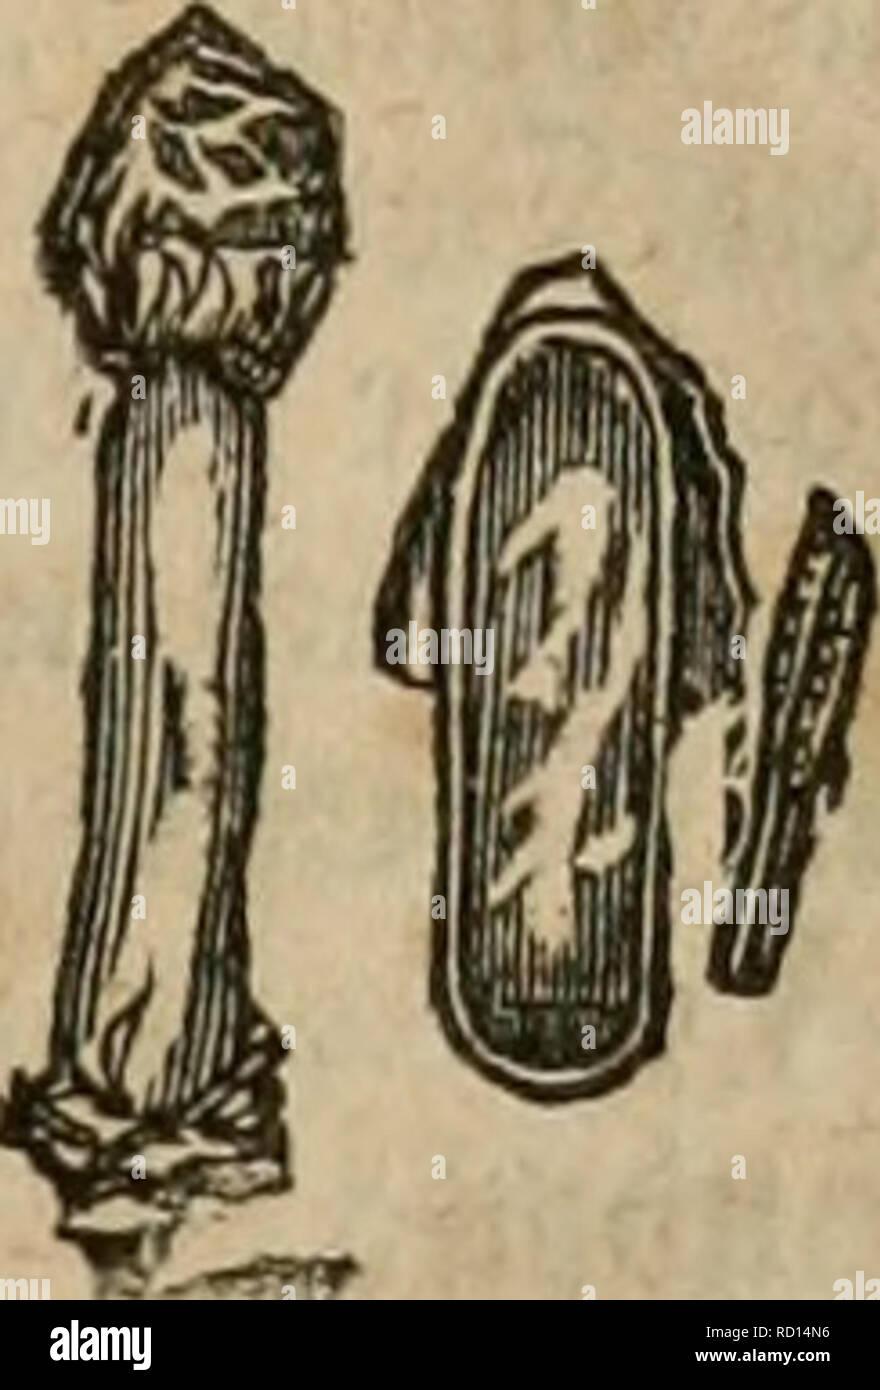 . Das grosse illustrirte Kräuter-Buch : eine ausführliche Beschreibung aller Pflanzen, mit genauer Augabe ihres Gebrauchs, Nutzens und ihrer Wirkung in der Arzneikunde. Medicinal plants; Materia medica, Vegetable; Herbs. ^utmor^el CMorchella), ©attuncj bei* T^mnKie Rüttlnge; mit fugetaTtigcm ober runblid)ein, im SÄittelvunfte ^on einem |^;i|e gc[tü^ten§aupt[vud)t'bobeu; in ue^fövmige, gcllige ©treifen abgetl)eitter, ben §ut bebecfenber ©c^taud); ^aut, t)of)tem ^^^ujje. Strien: ®ie gemeine §. (M. esculenta), iin= gefd'^r pU^oä), iueid^, lveij5, gtatt, mit eirunbem, braunem, täng§geftreif= tem § Stock Photo